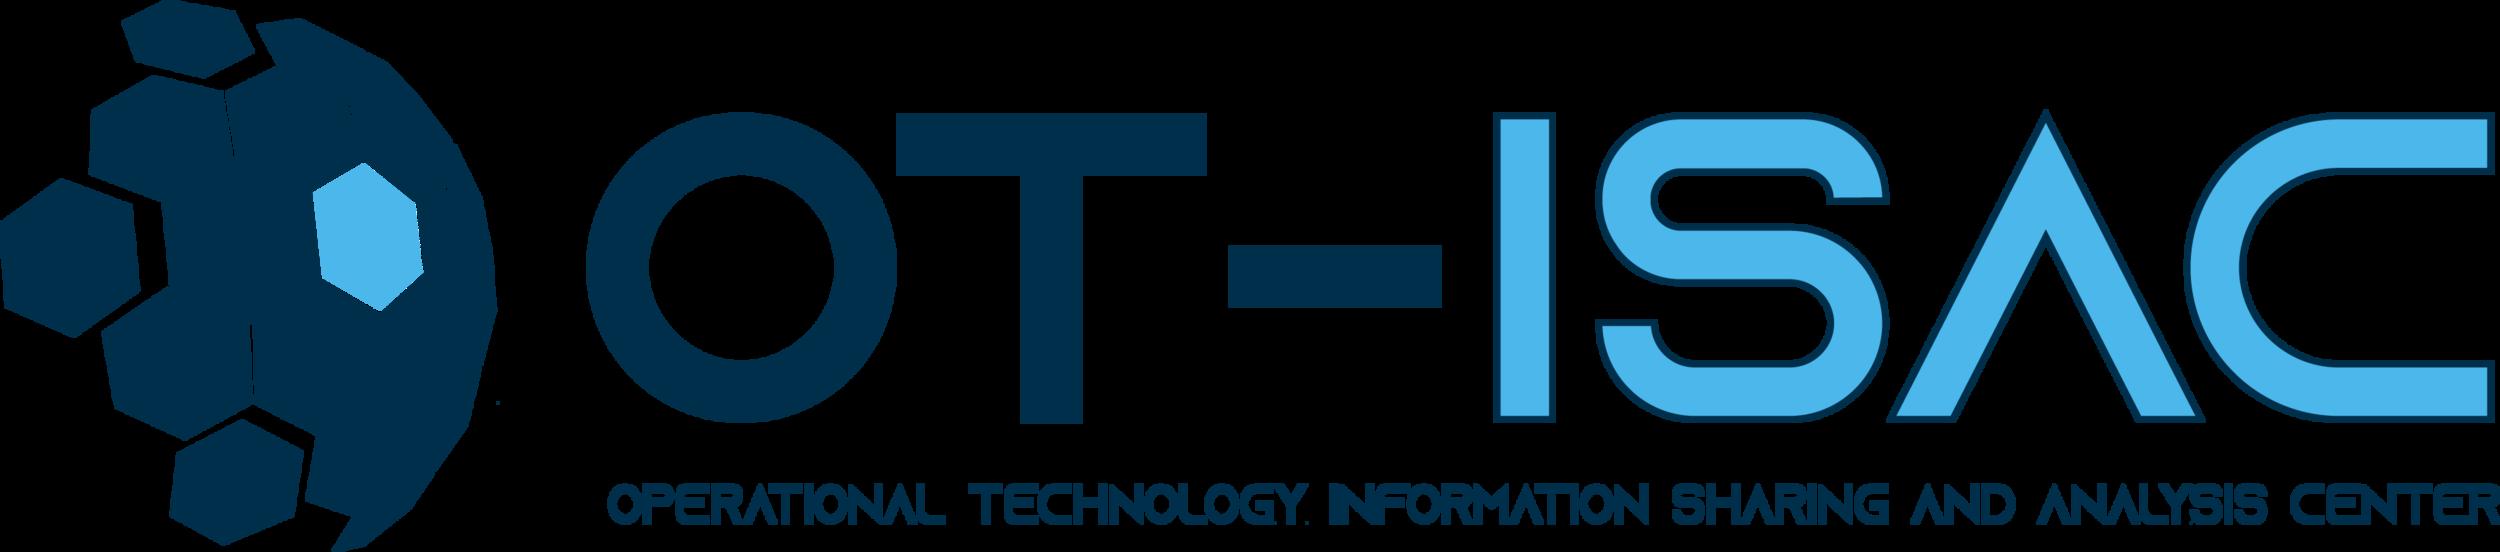 OT ISAC Main Logo.png